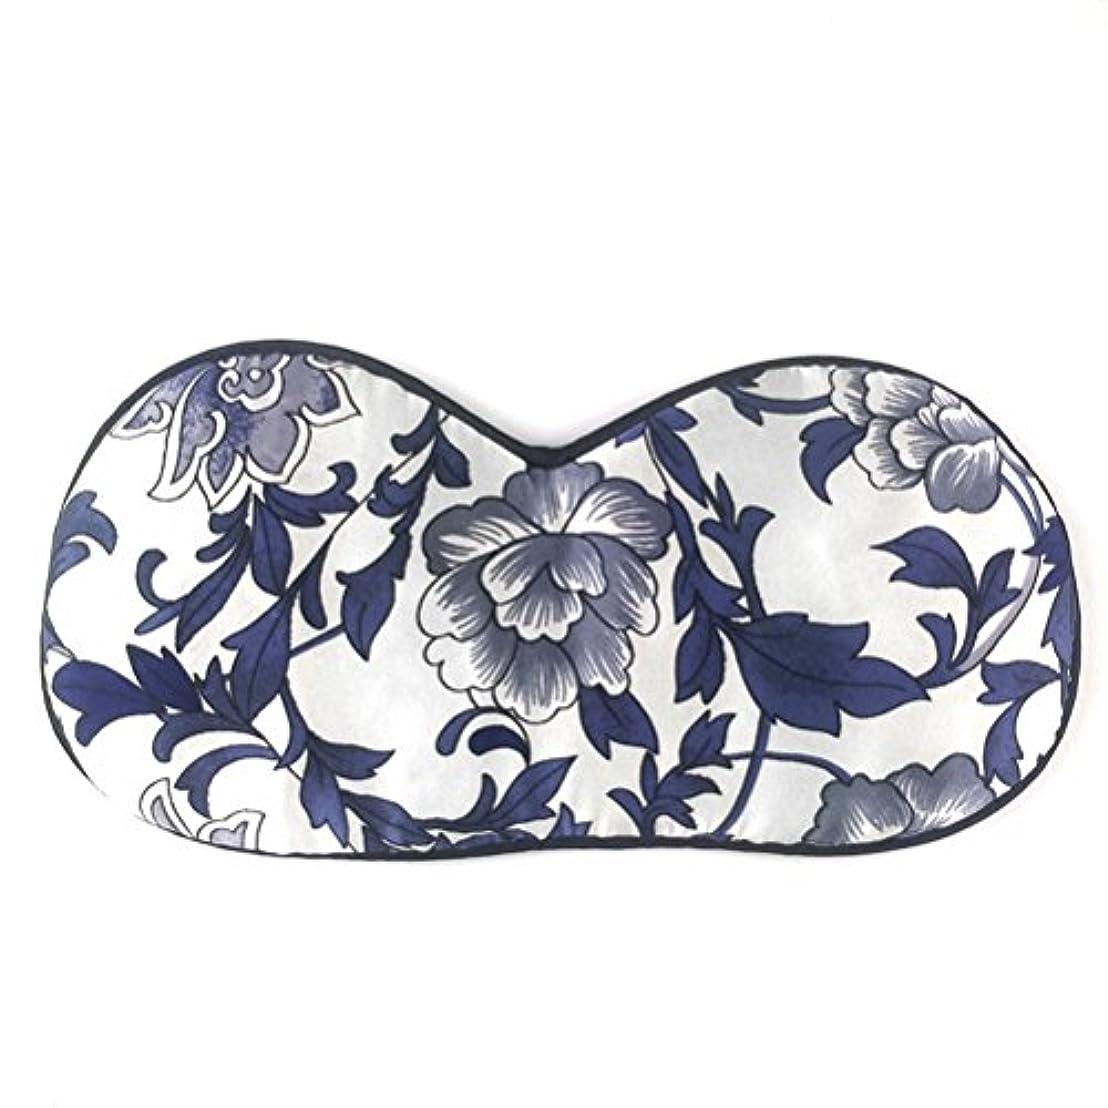 クリーム浸した指ULTNICE シルク睡眠の目のマスク目隠しのアイシャドウ女性のための睡眠の昼寝の瞑想(青と白の磁器)